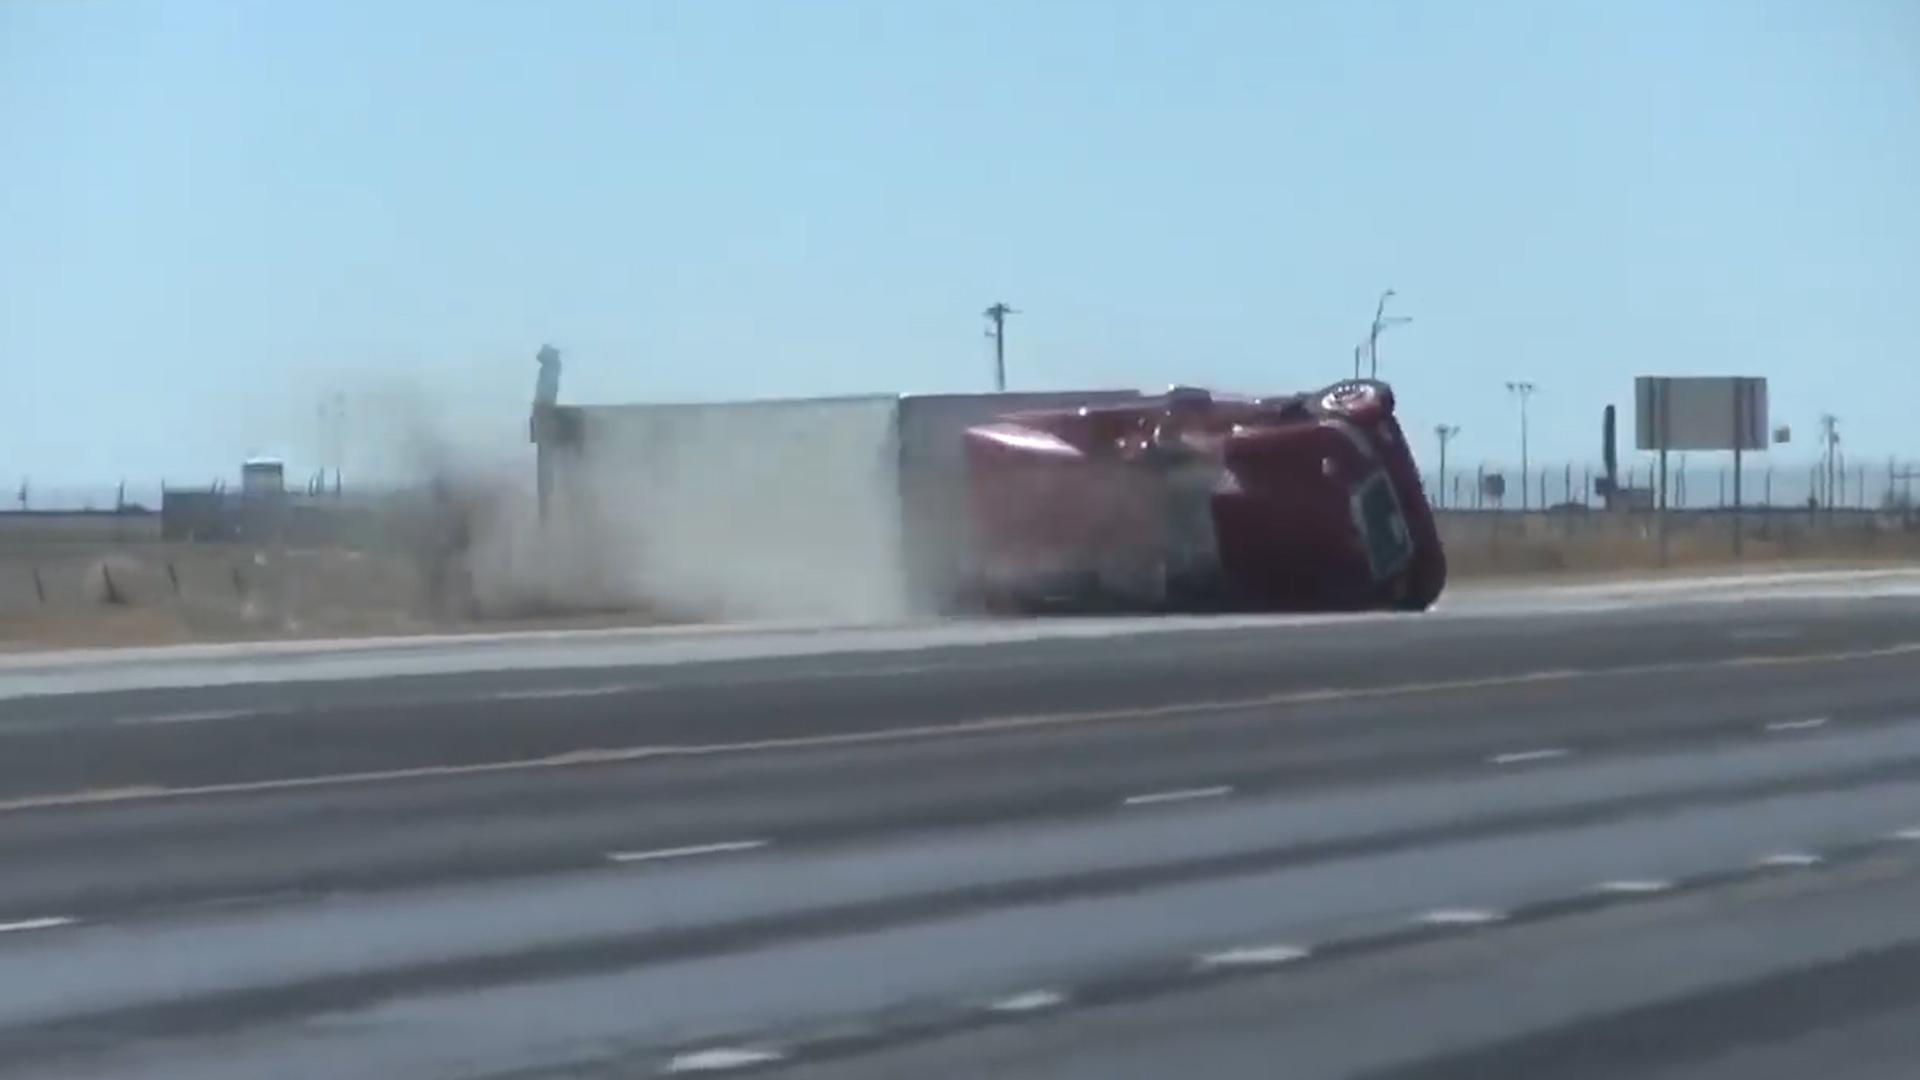 El tráiler fue arrastrado varios metros por la autopista 287 a unas 10 millas al norte de Amarillo (Foto: captura de pantalla)